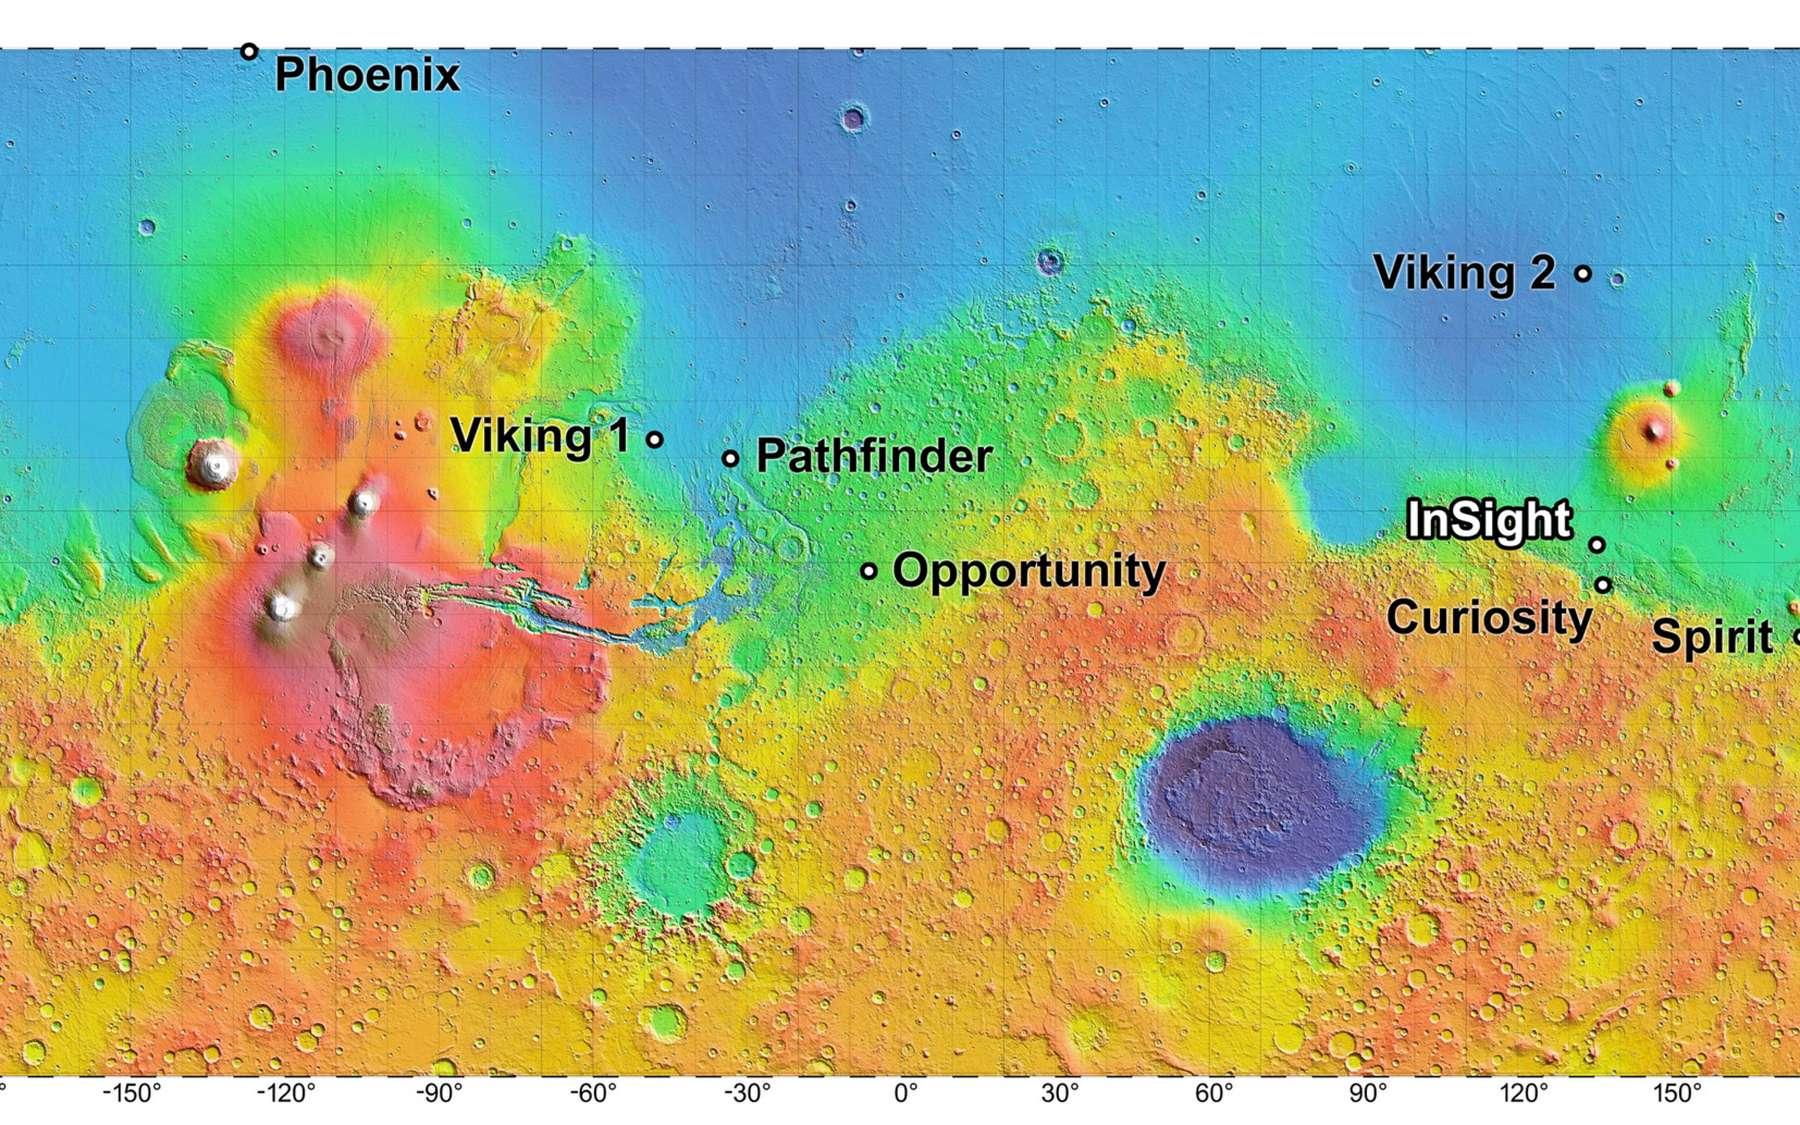 Les sites d'atterrissage des missions de la Nasa sont indiqués sur une carte altimétrique de l'instrument Mola de Mars Global Surveyor. Les altitudes les plus basses sont en bleu foncé, et les plus hautes en blanc. La différence d'altitude entre le vert et l'orange est d'environ quatre kilomètres. © Nasa, JPL-Caltech